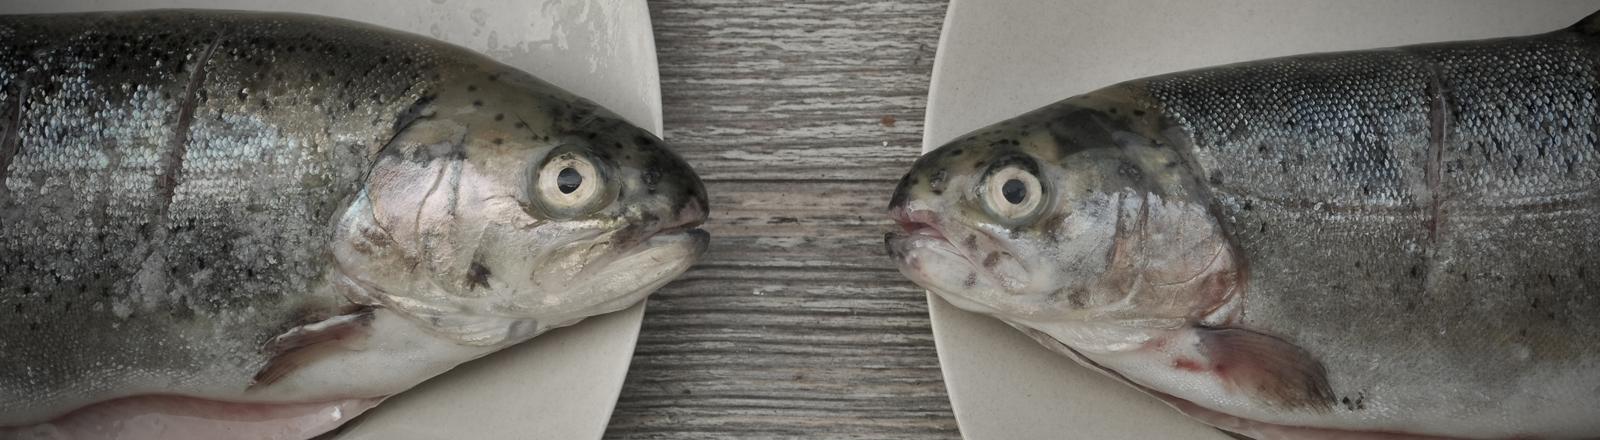 Zwei Forellen, die sich auf Tellern gegenüber liegen